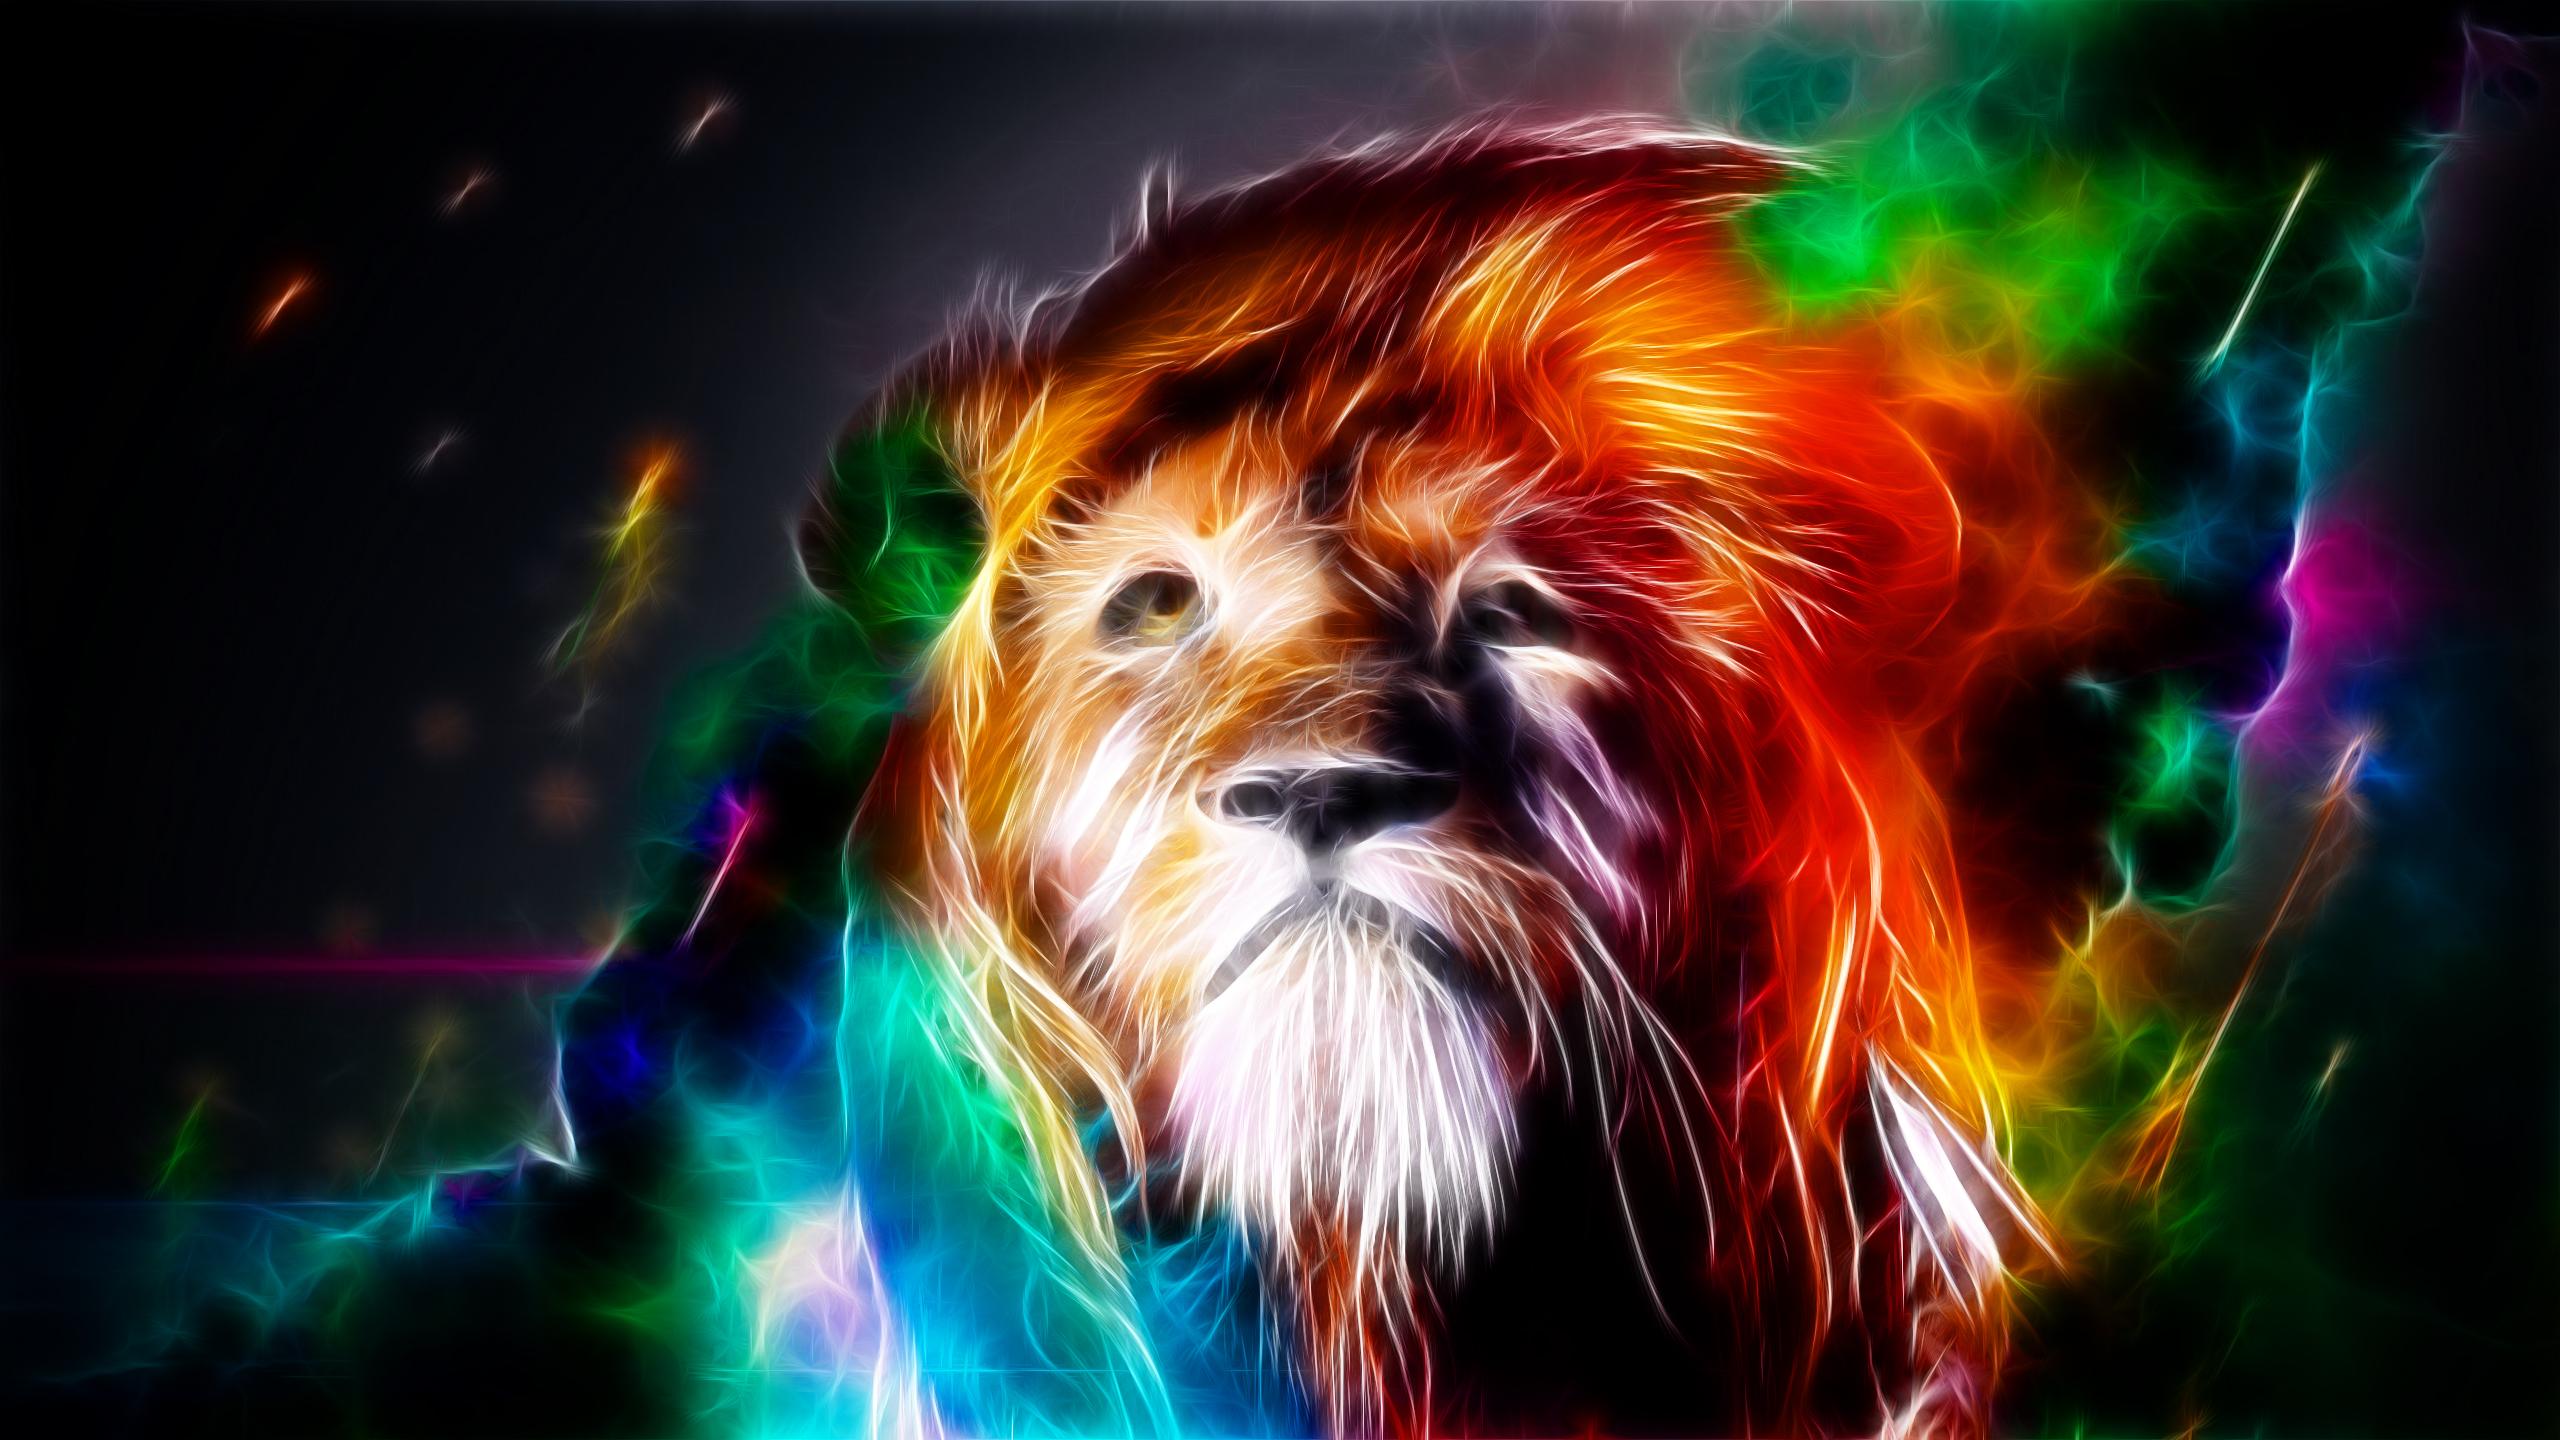 Trippy Lion Wallpaper